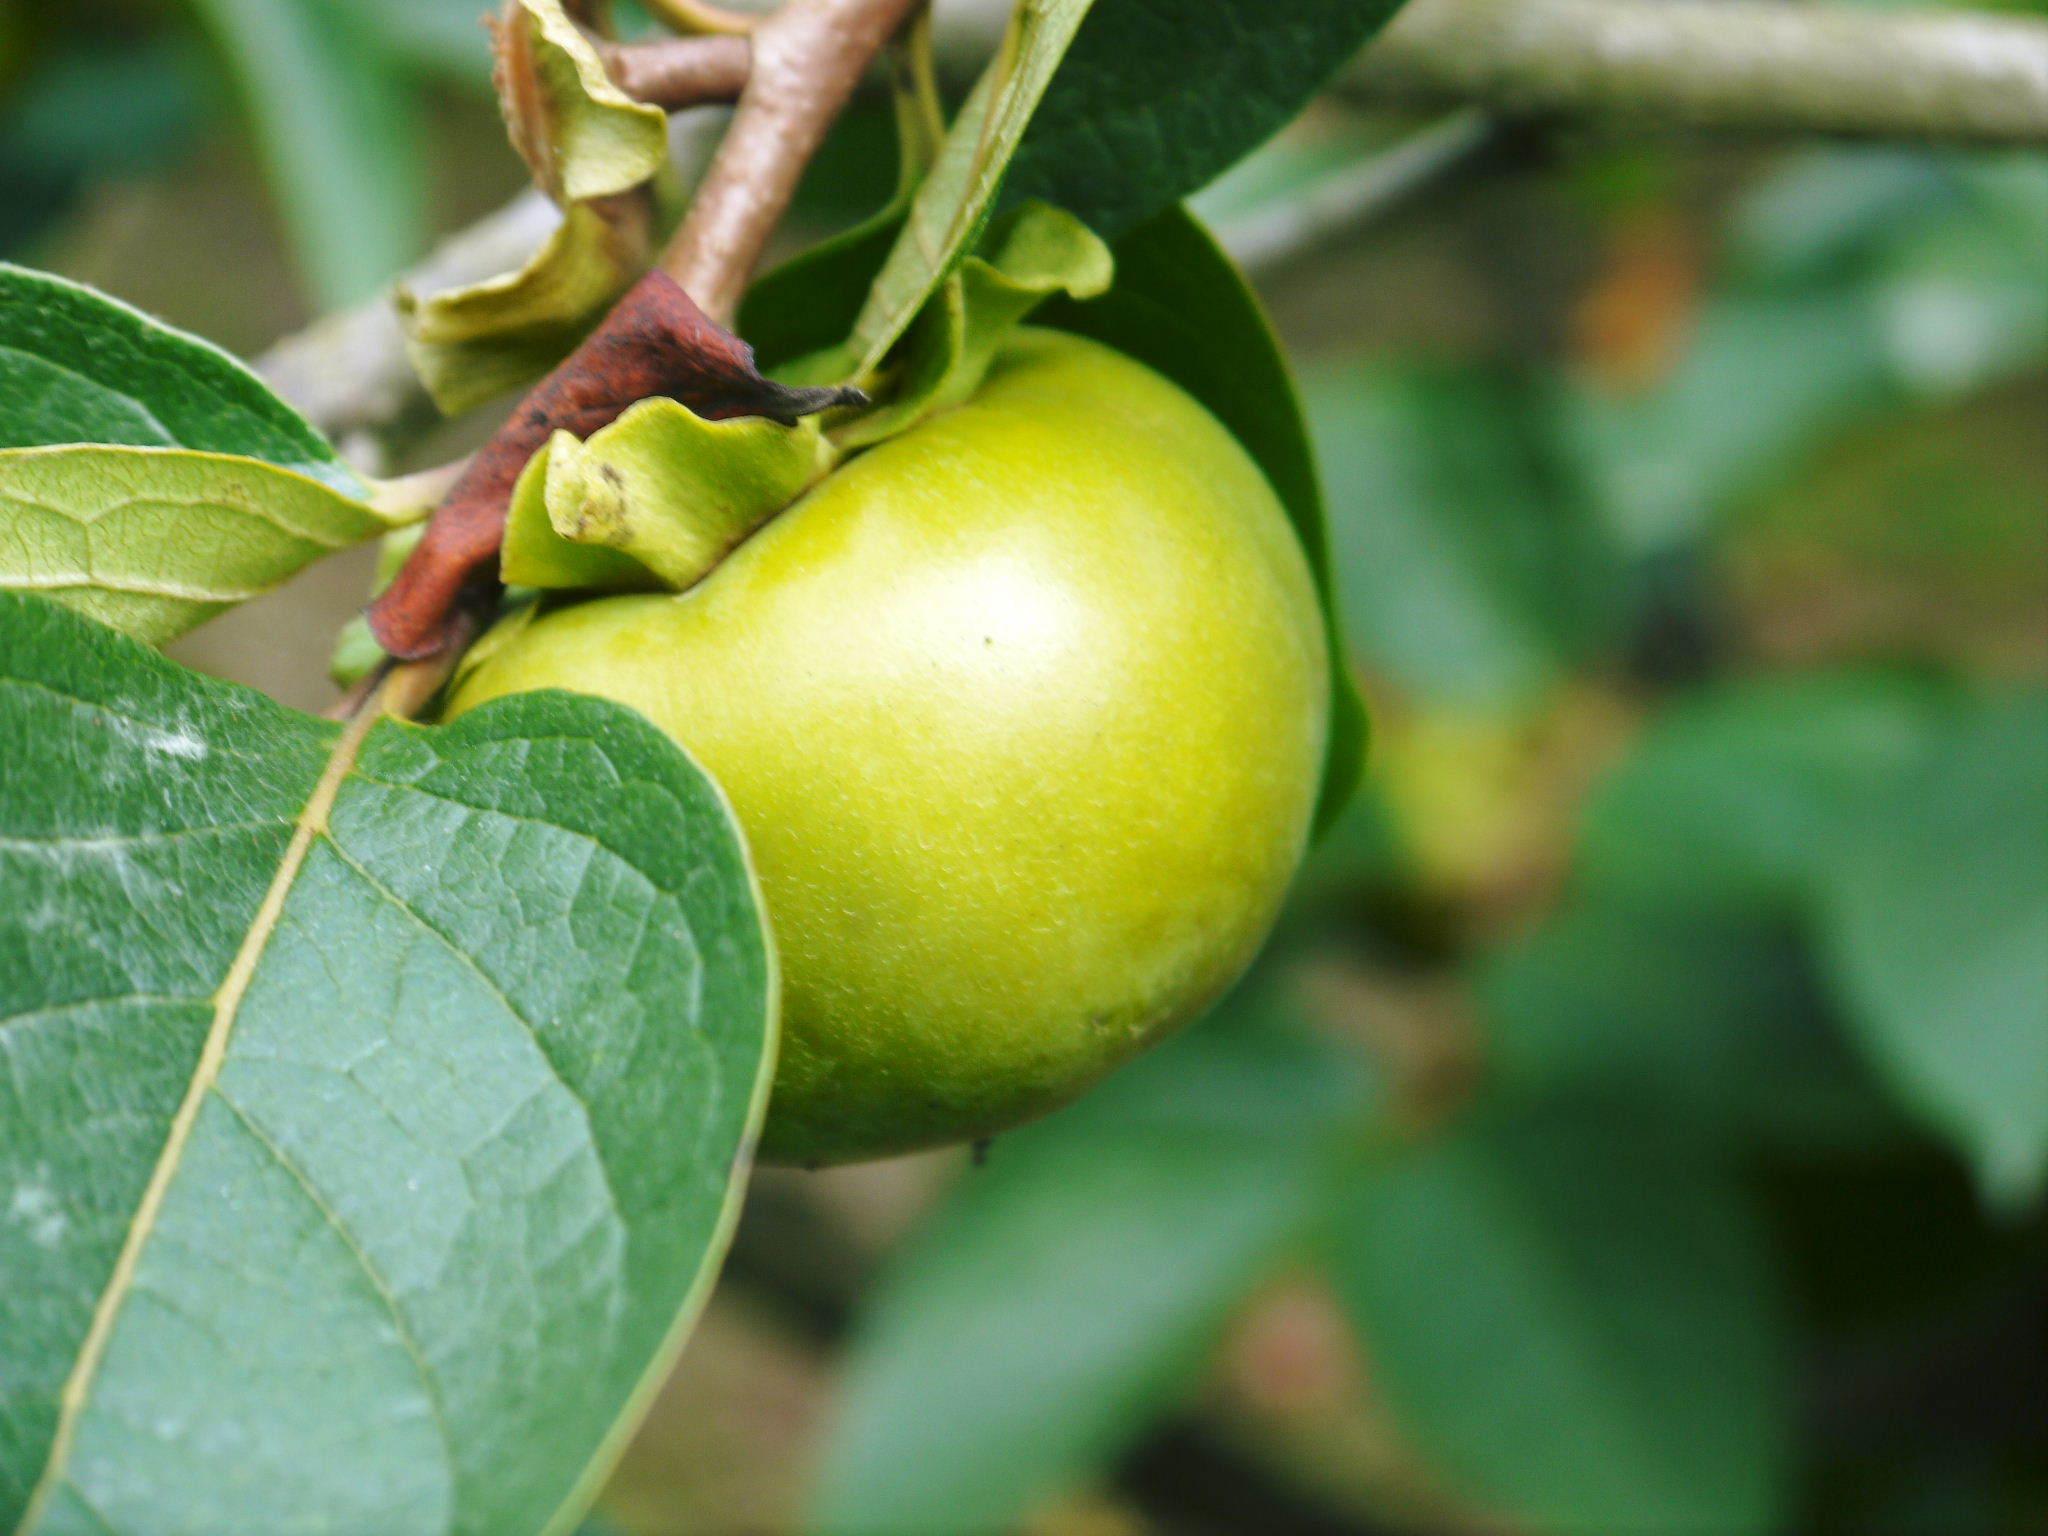 太秋柿 令和2年度の古川果樹園さんの『太秋柿』は収穫できた分だけの出荷で正式販売は中止となりました_a0254656_18393722.jpg